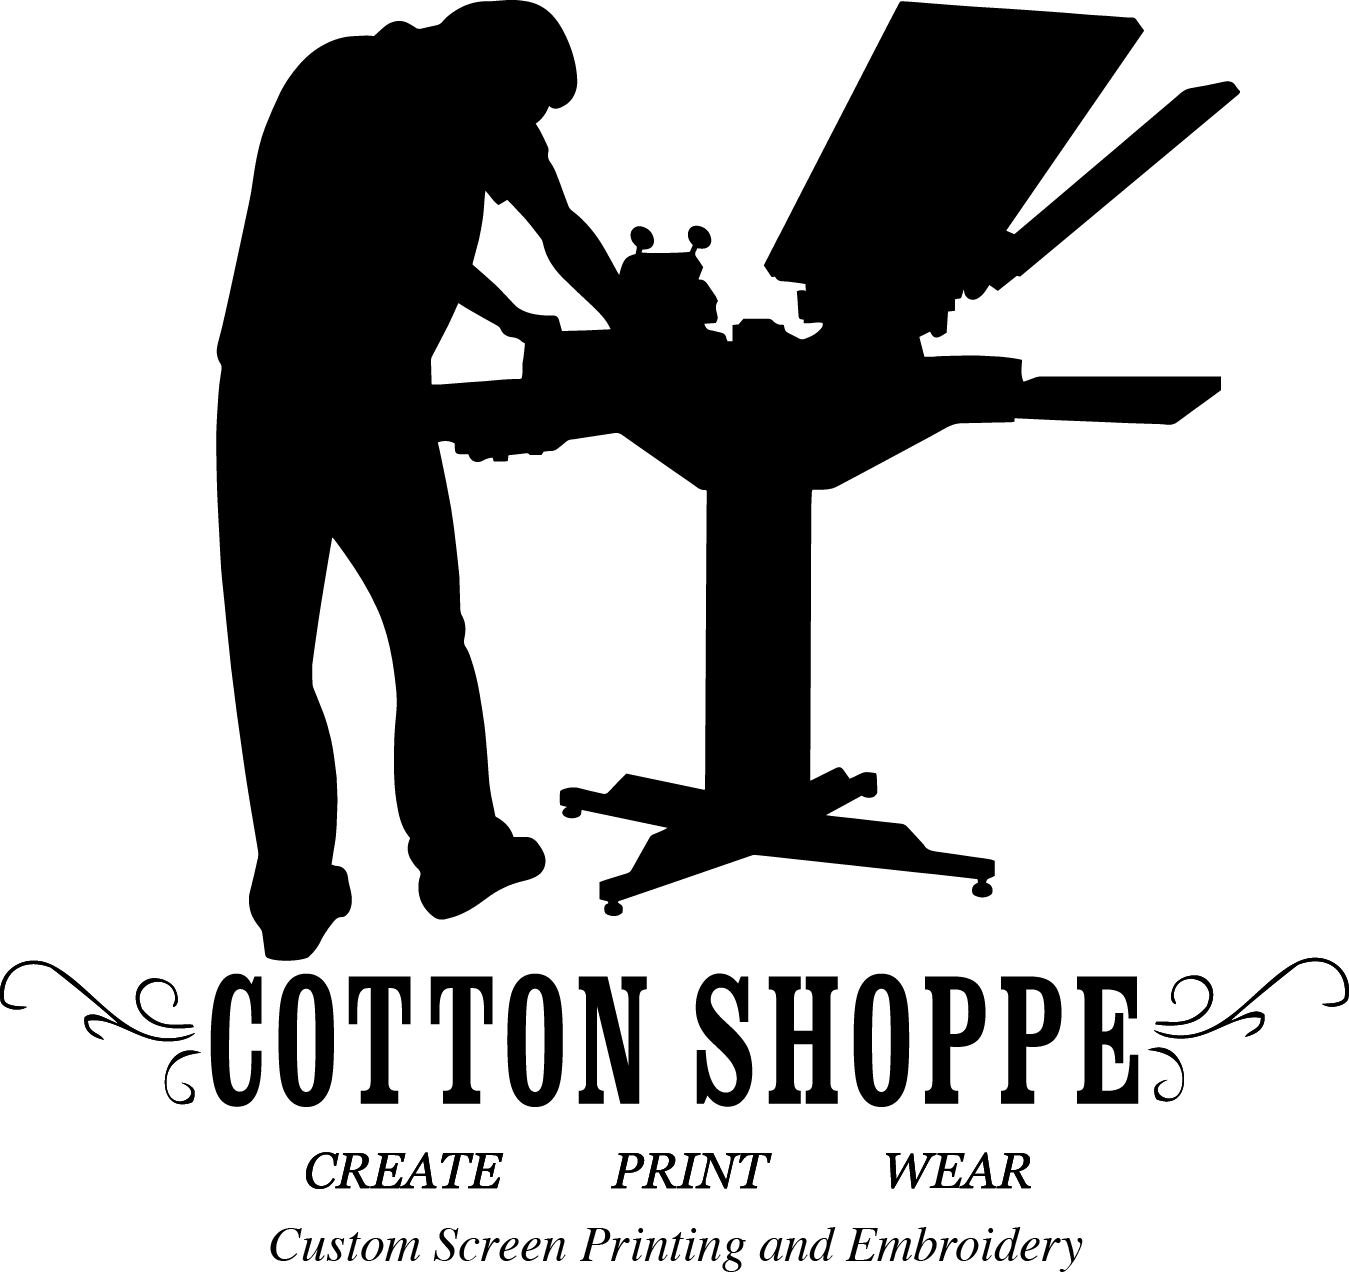 Cotton_Shoppe_logo2.png